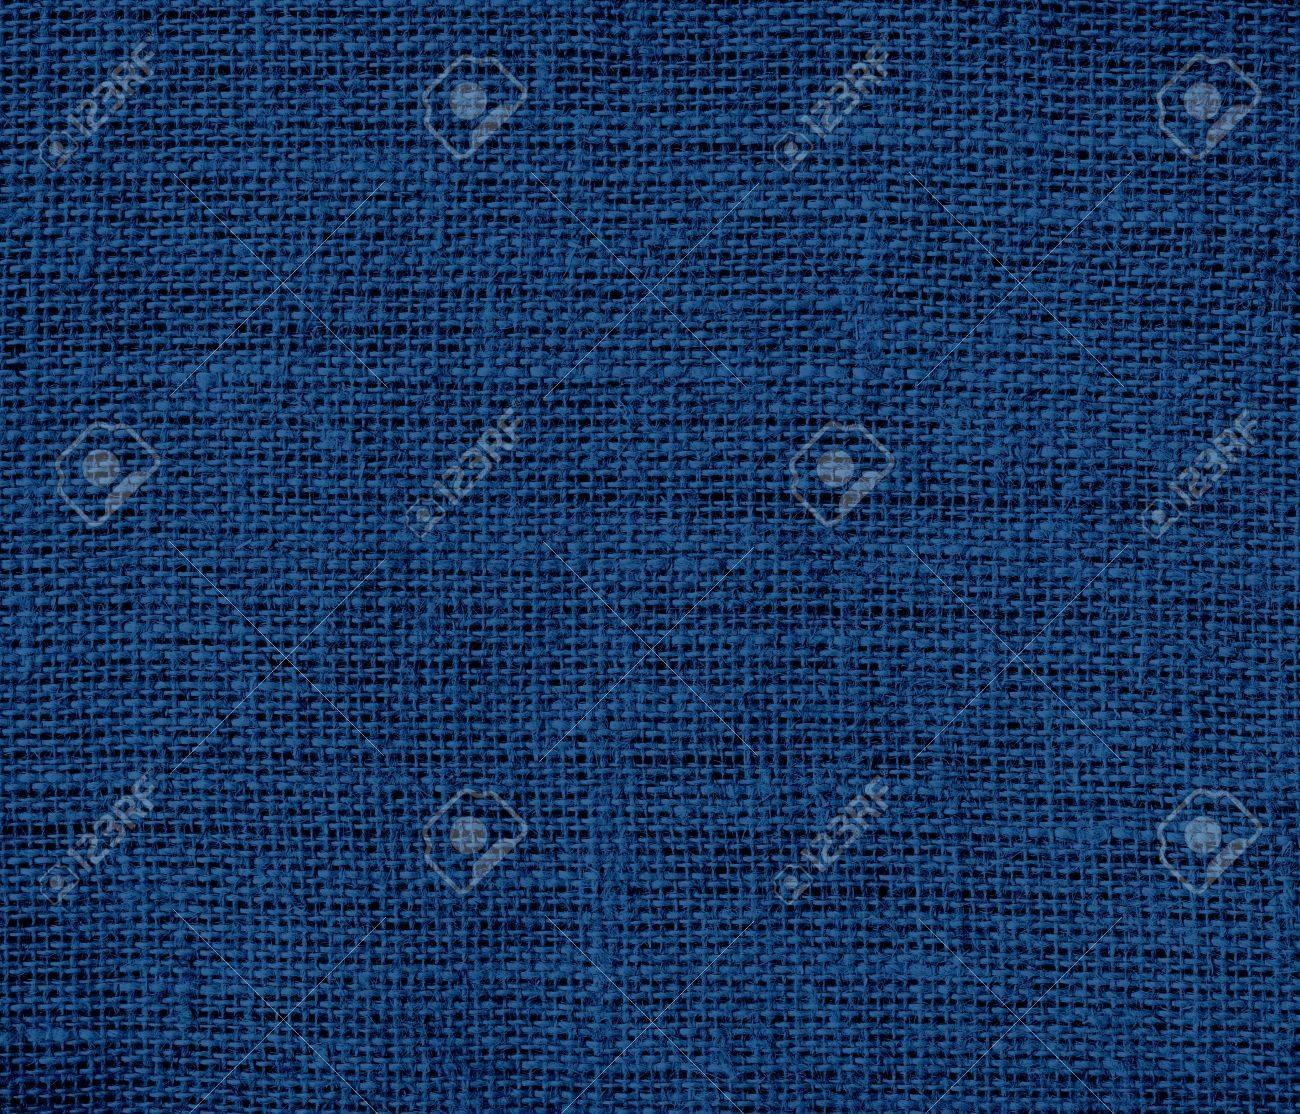 Dark Midnight Blue Burlap Texture Background